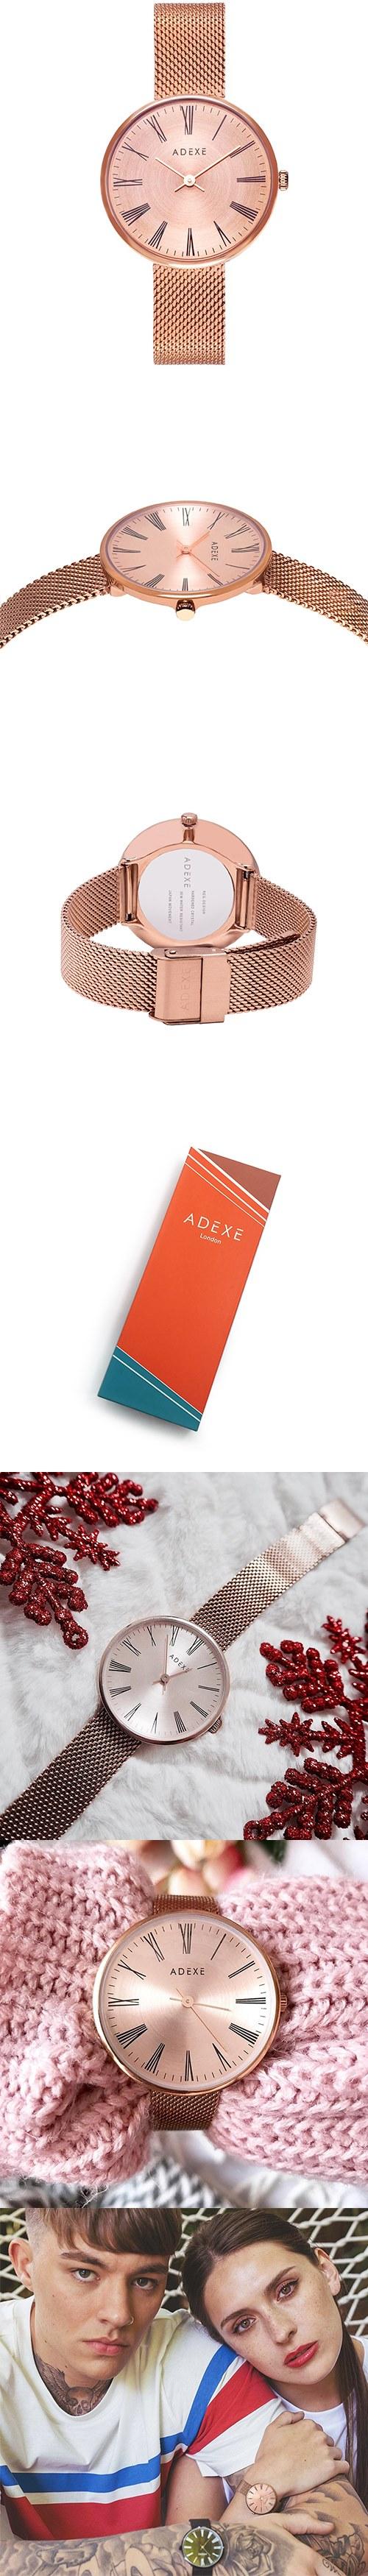 (複製)ADEXE|英國時尚手錶 Meek日期顯示系列 玫瑰金錶盤x玫瑰金錶框米蘭錶帶33mm 1870C-06